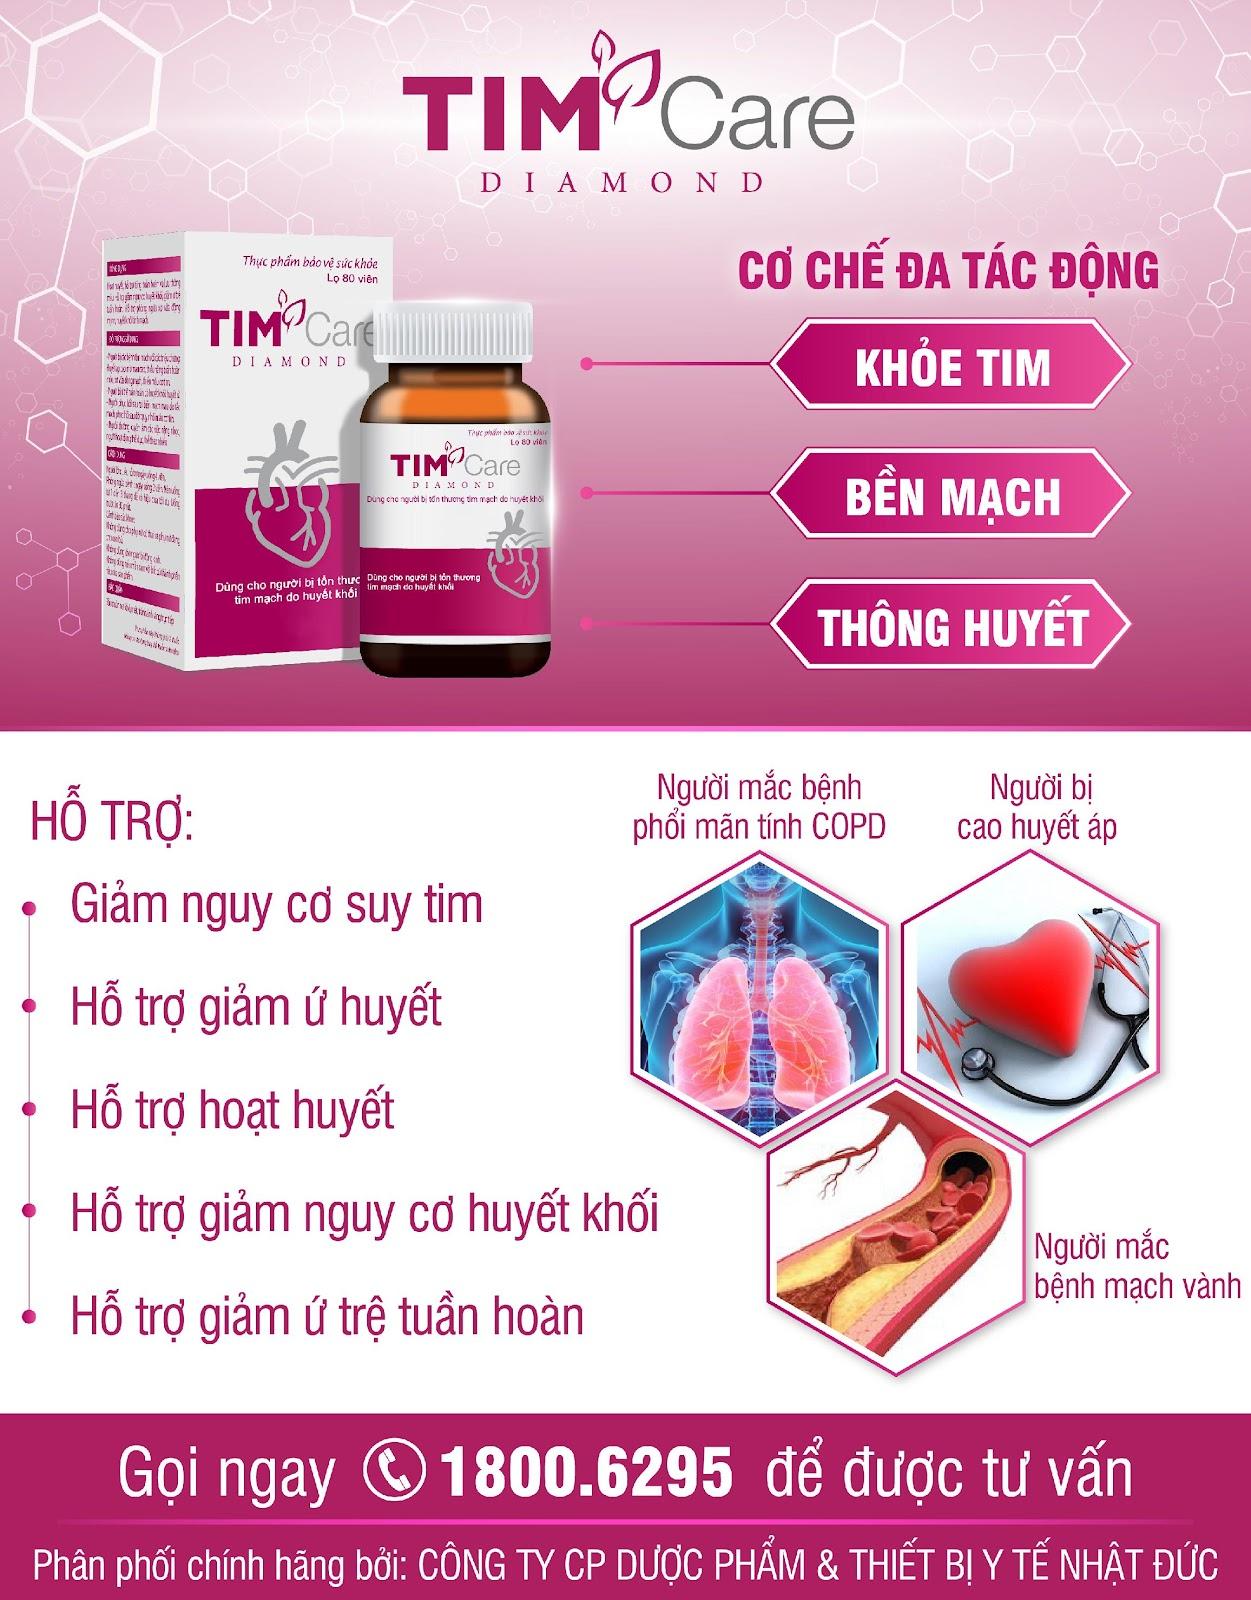 TIM Care Diamond – Bảo vệ trái tim vàng - Ảnh 5